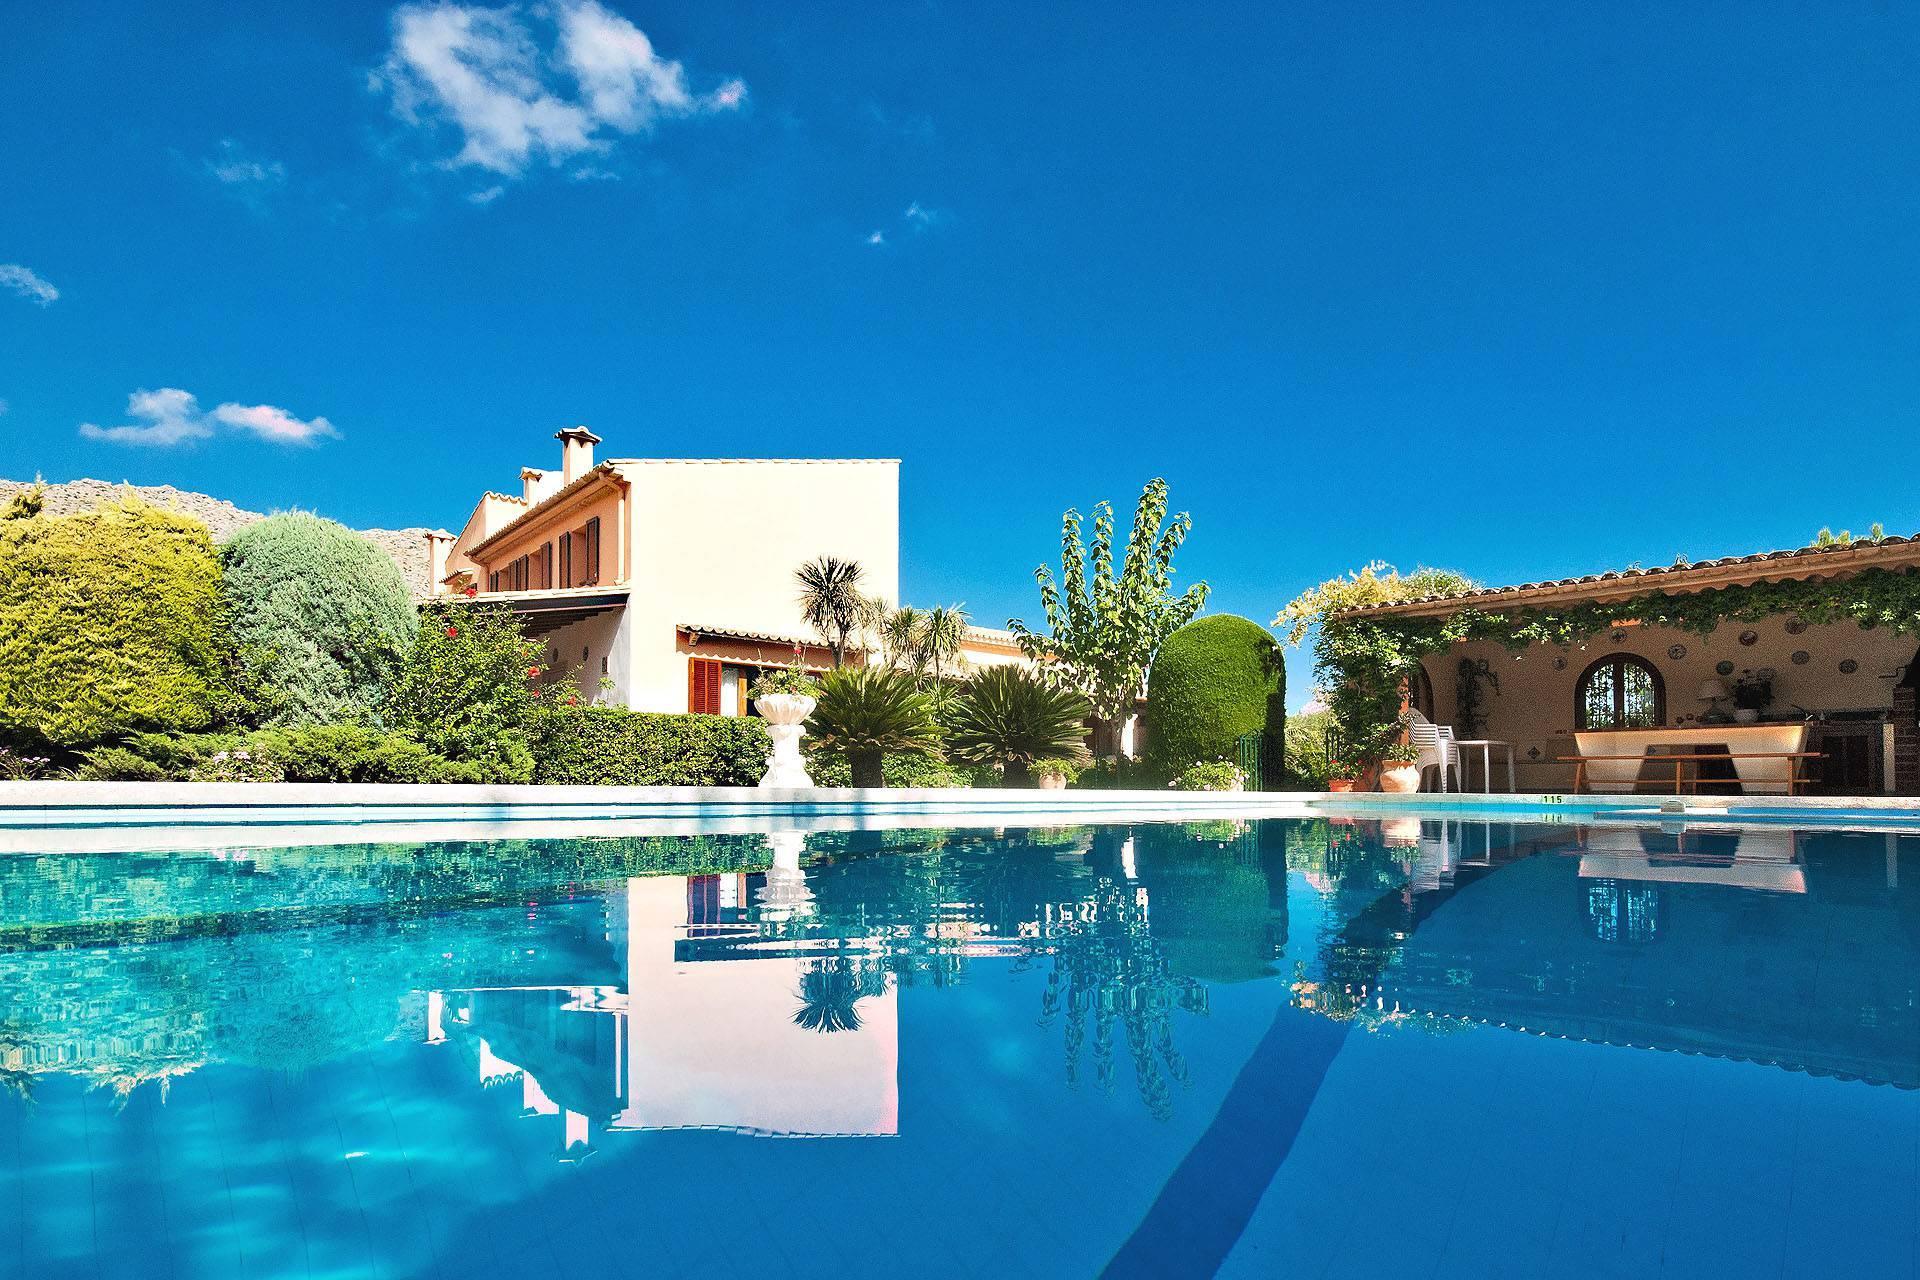 01-212 Große Finca Mallorca Norden Bild 1